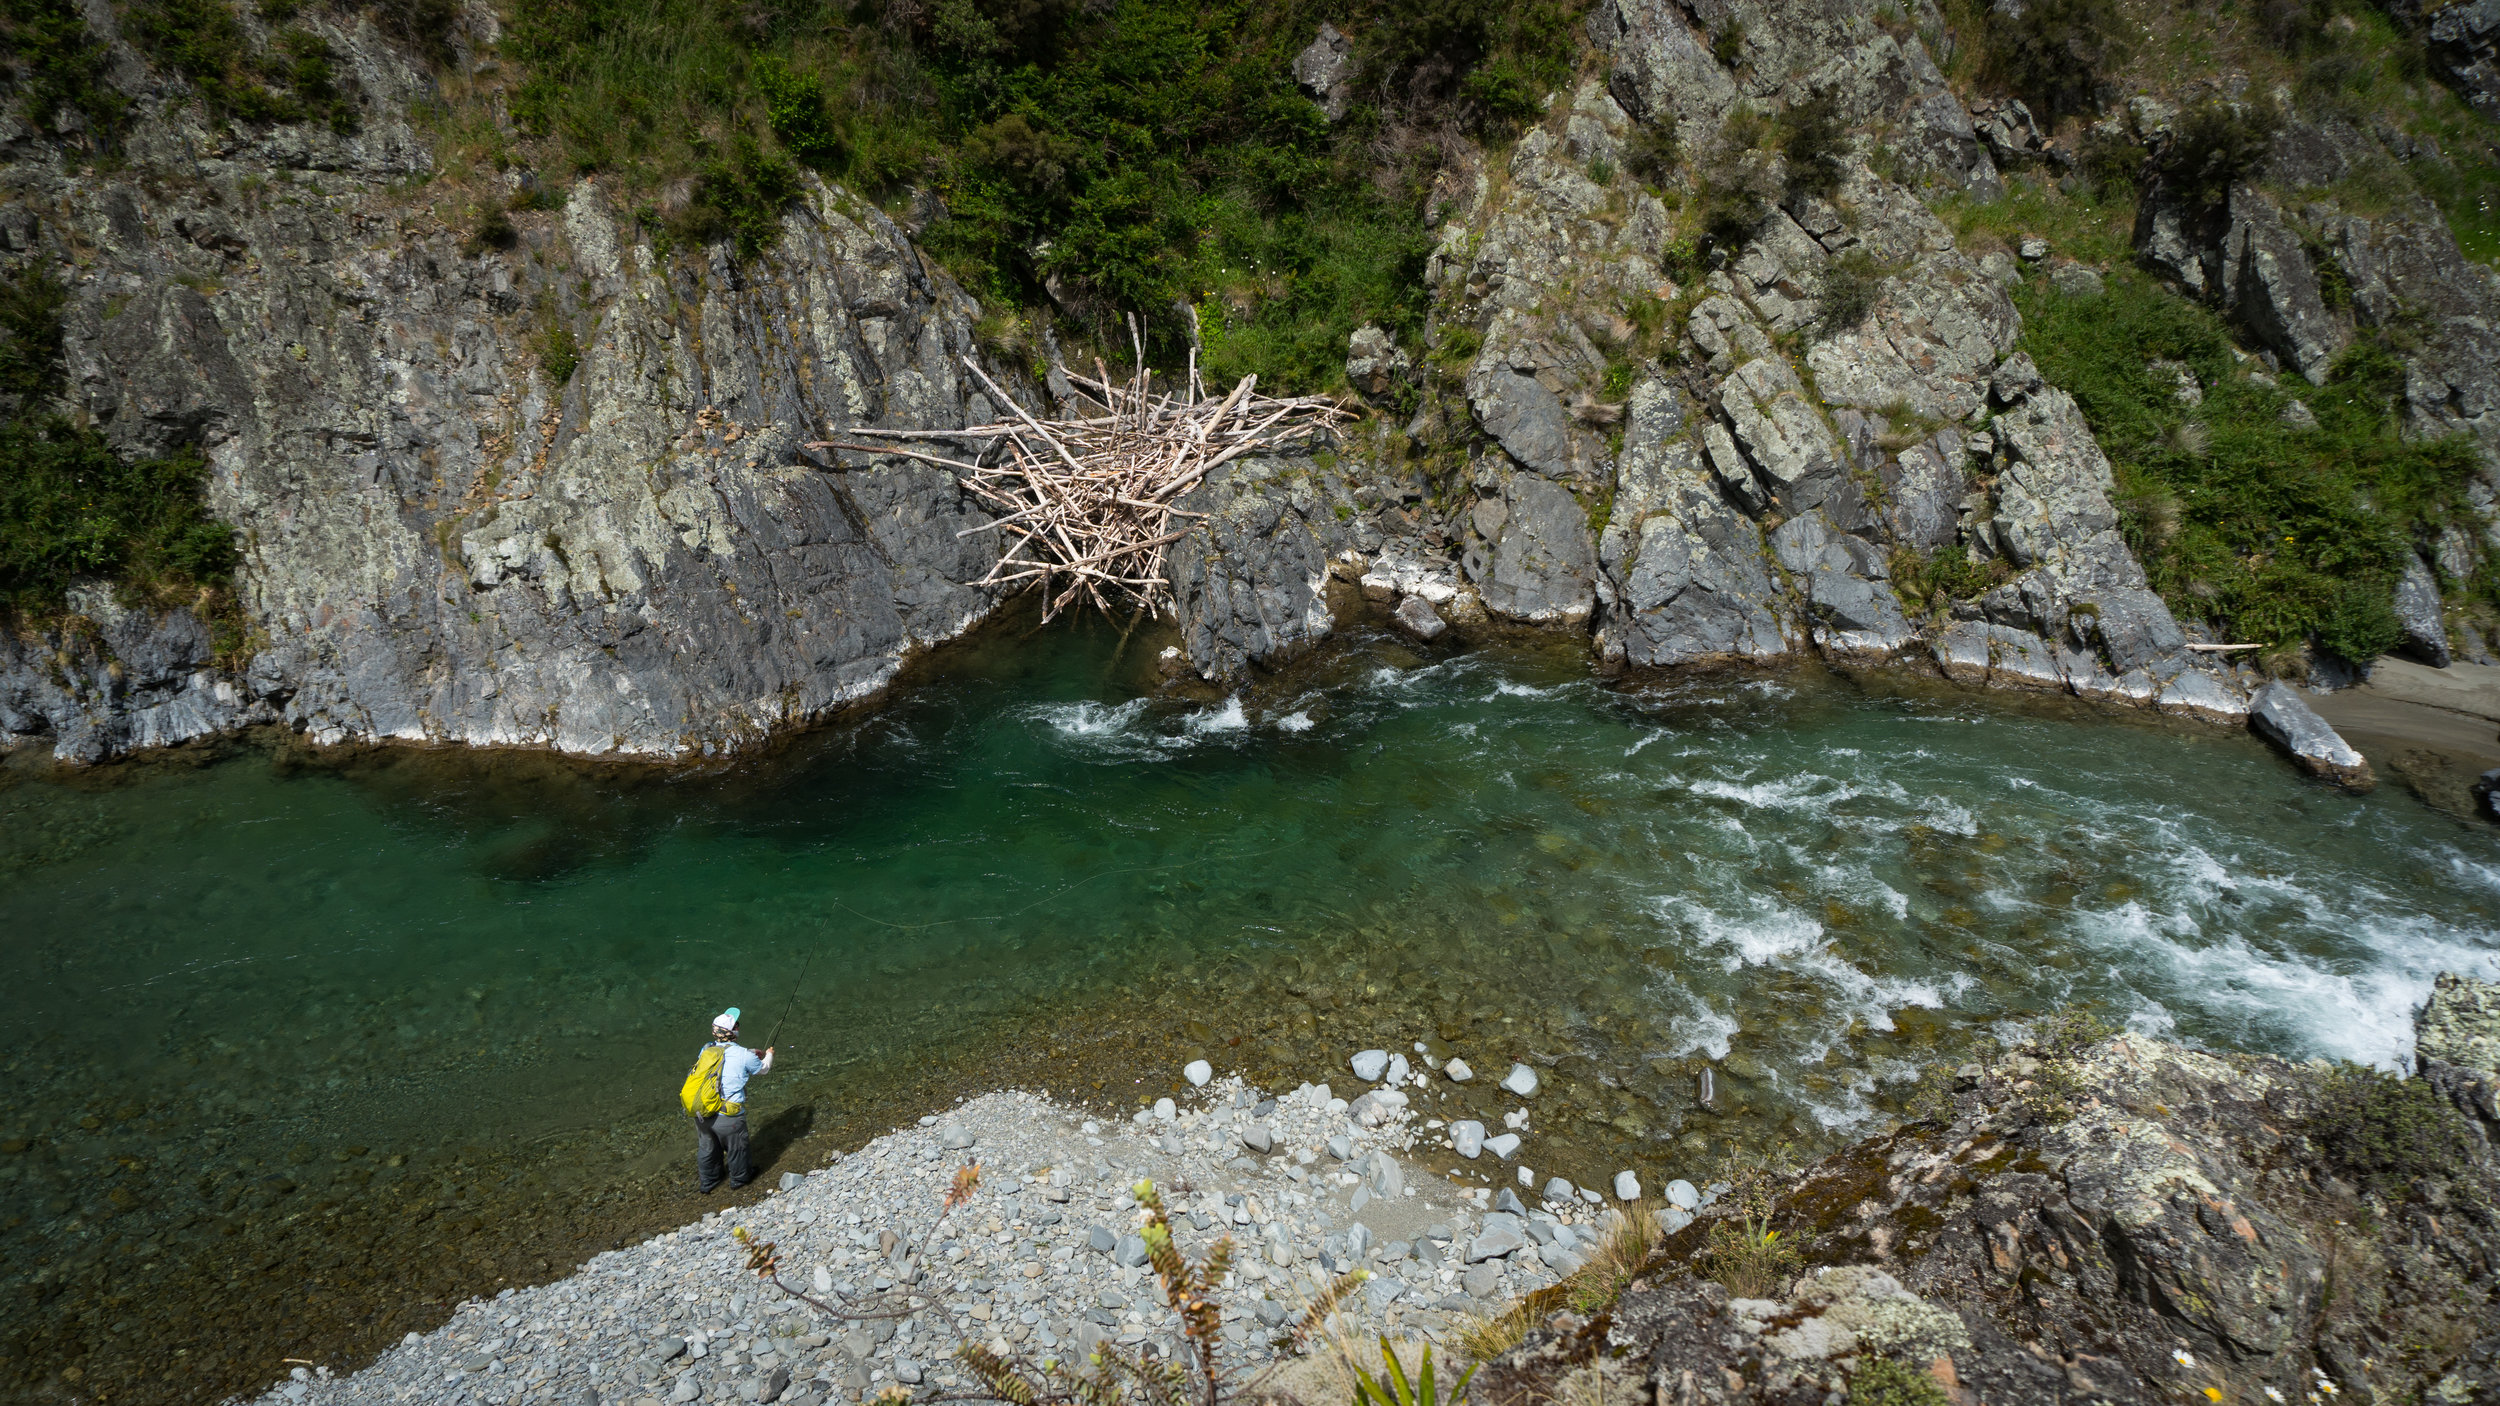 Gorge fishing New Zealand